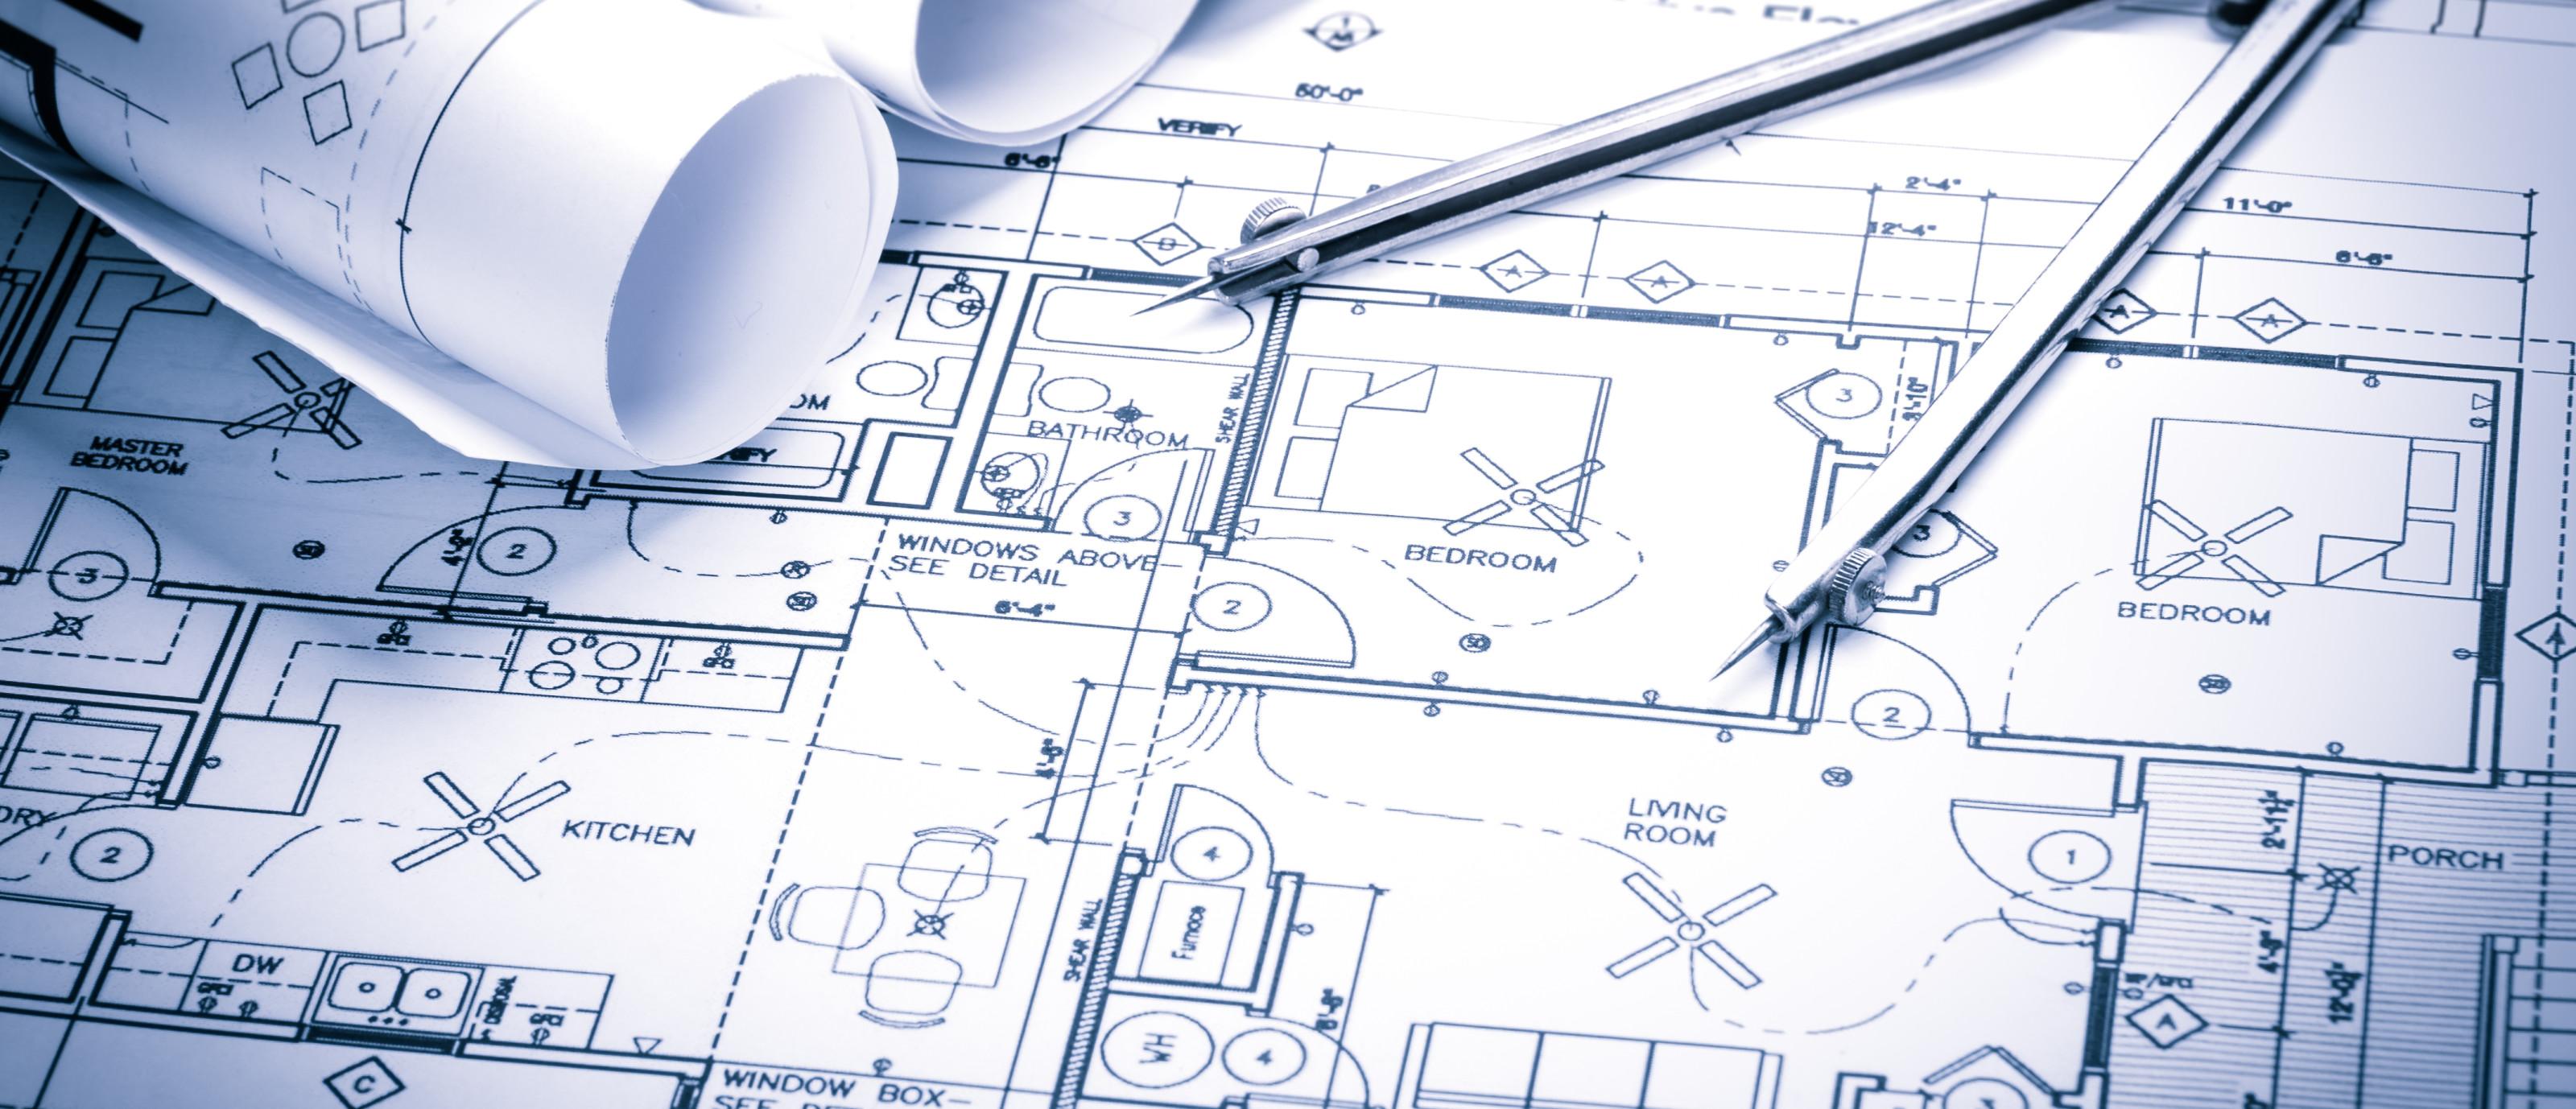 Best Kitchen Gallery: Architectural Design Architectural Design T Weup Co of Architectural Design  on rachelxblog.com